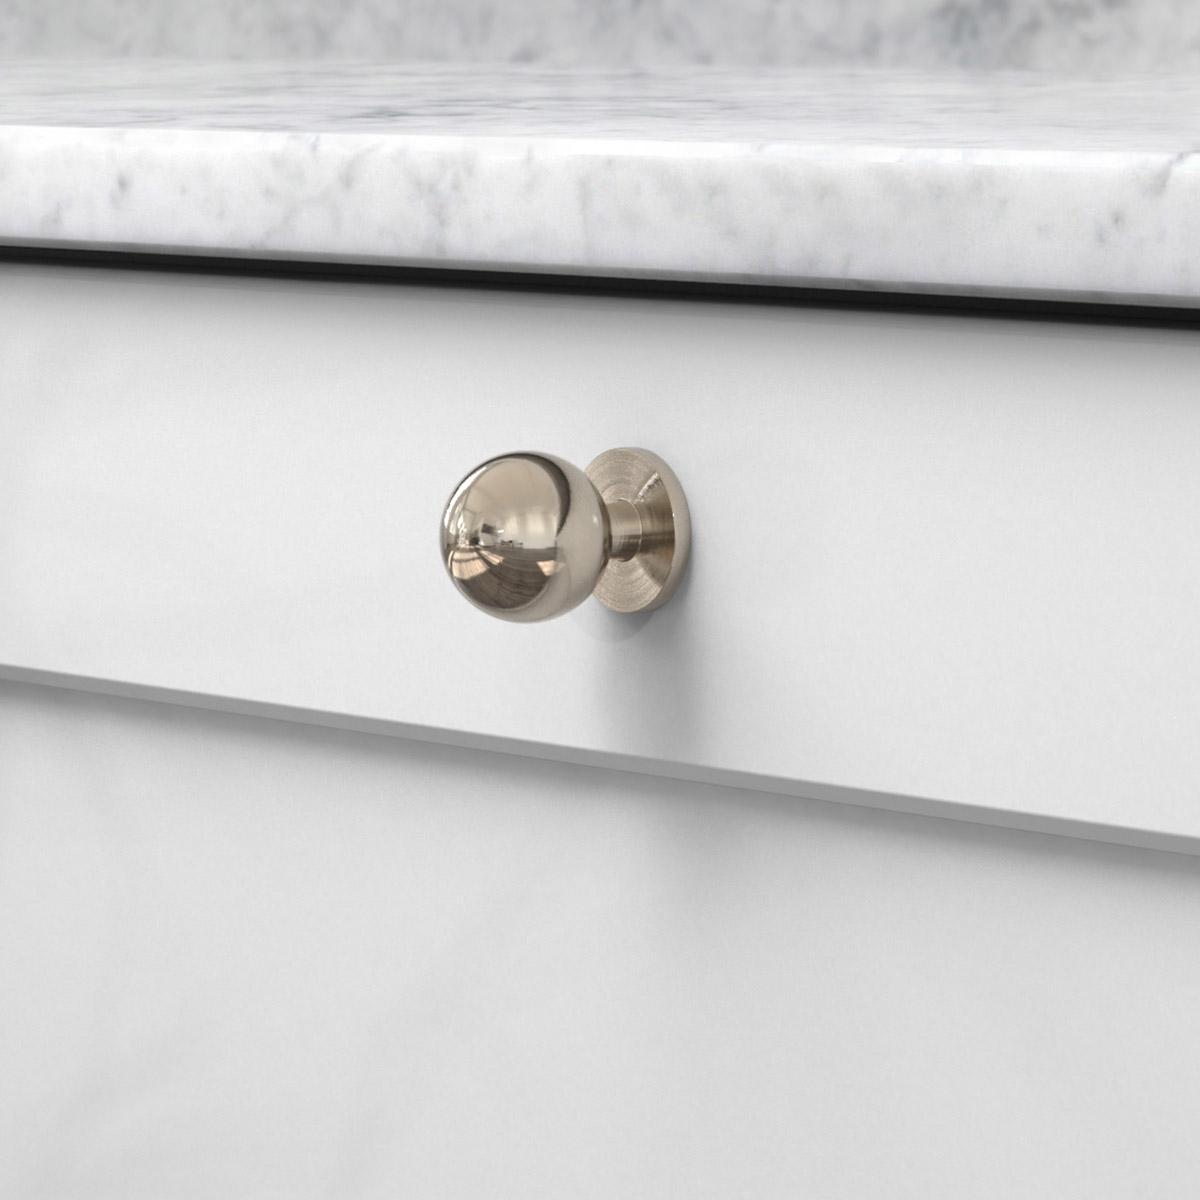 Knopp soliden förnicklad 339430 11 25 mm ncs s 3000 n marmor carrara